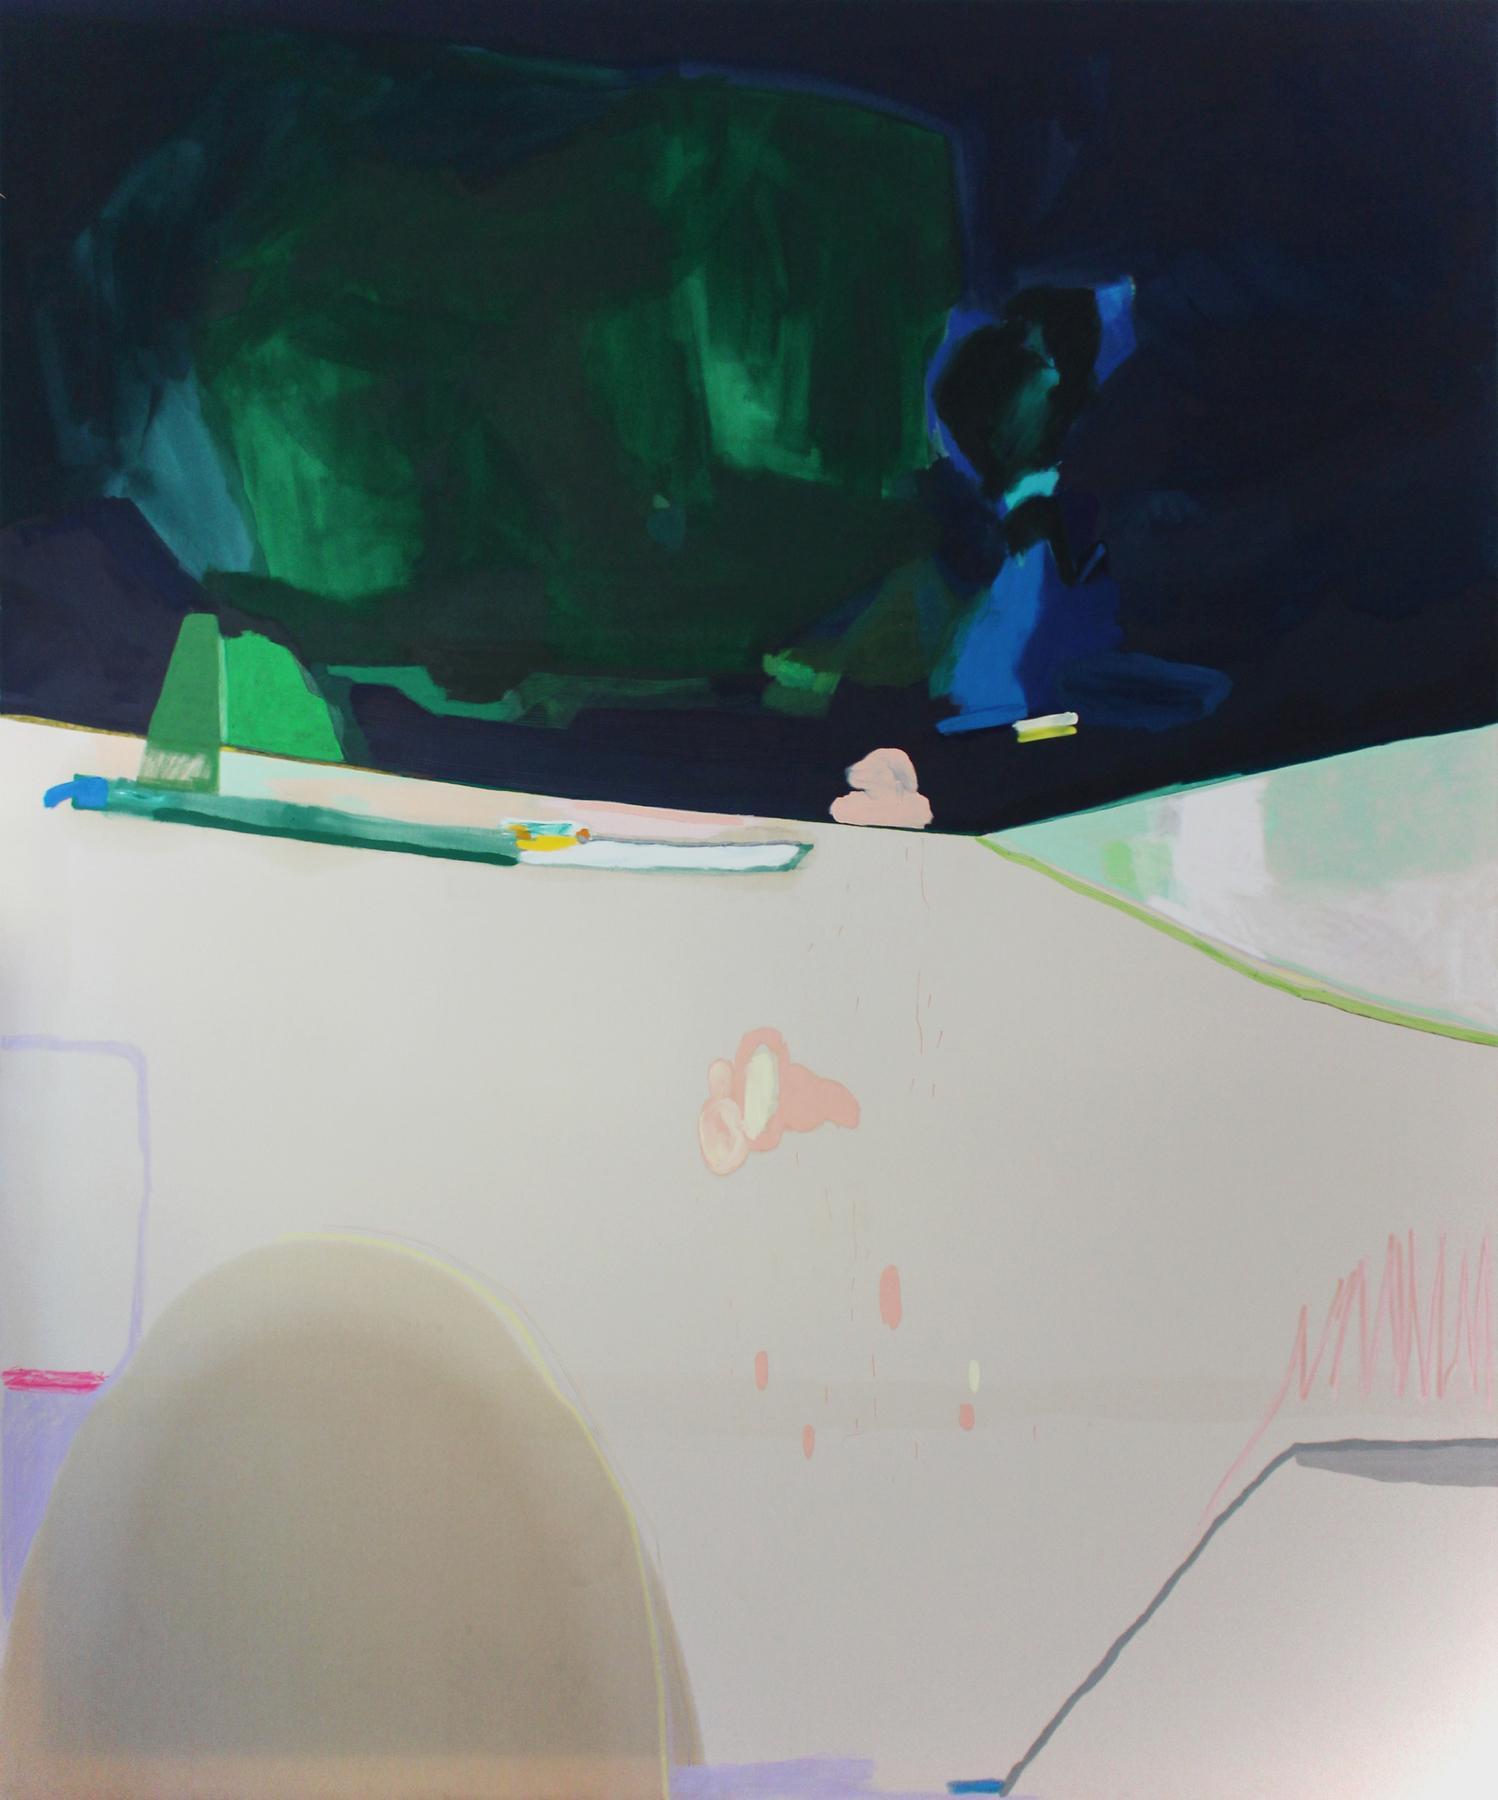 CHARLENE HAHNE,  Heavy Rain , 2017, Leinöl, Ölfarbe, Öl- pastellkreiden,Buntstift und Filzstift auf Leinwand, 240 × 200 cm